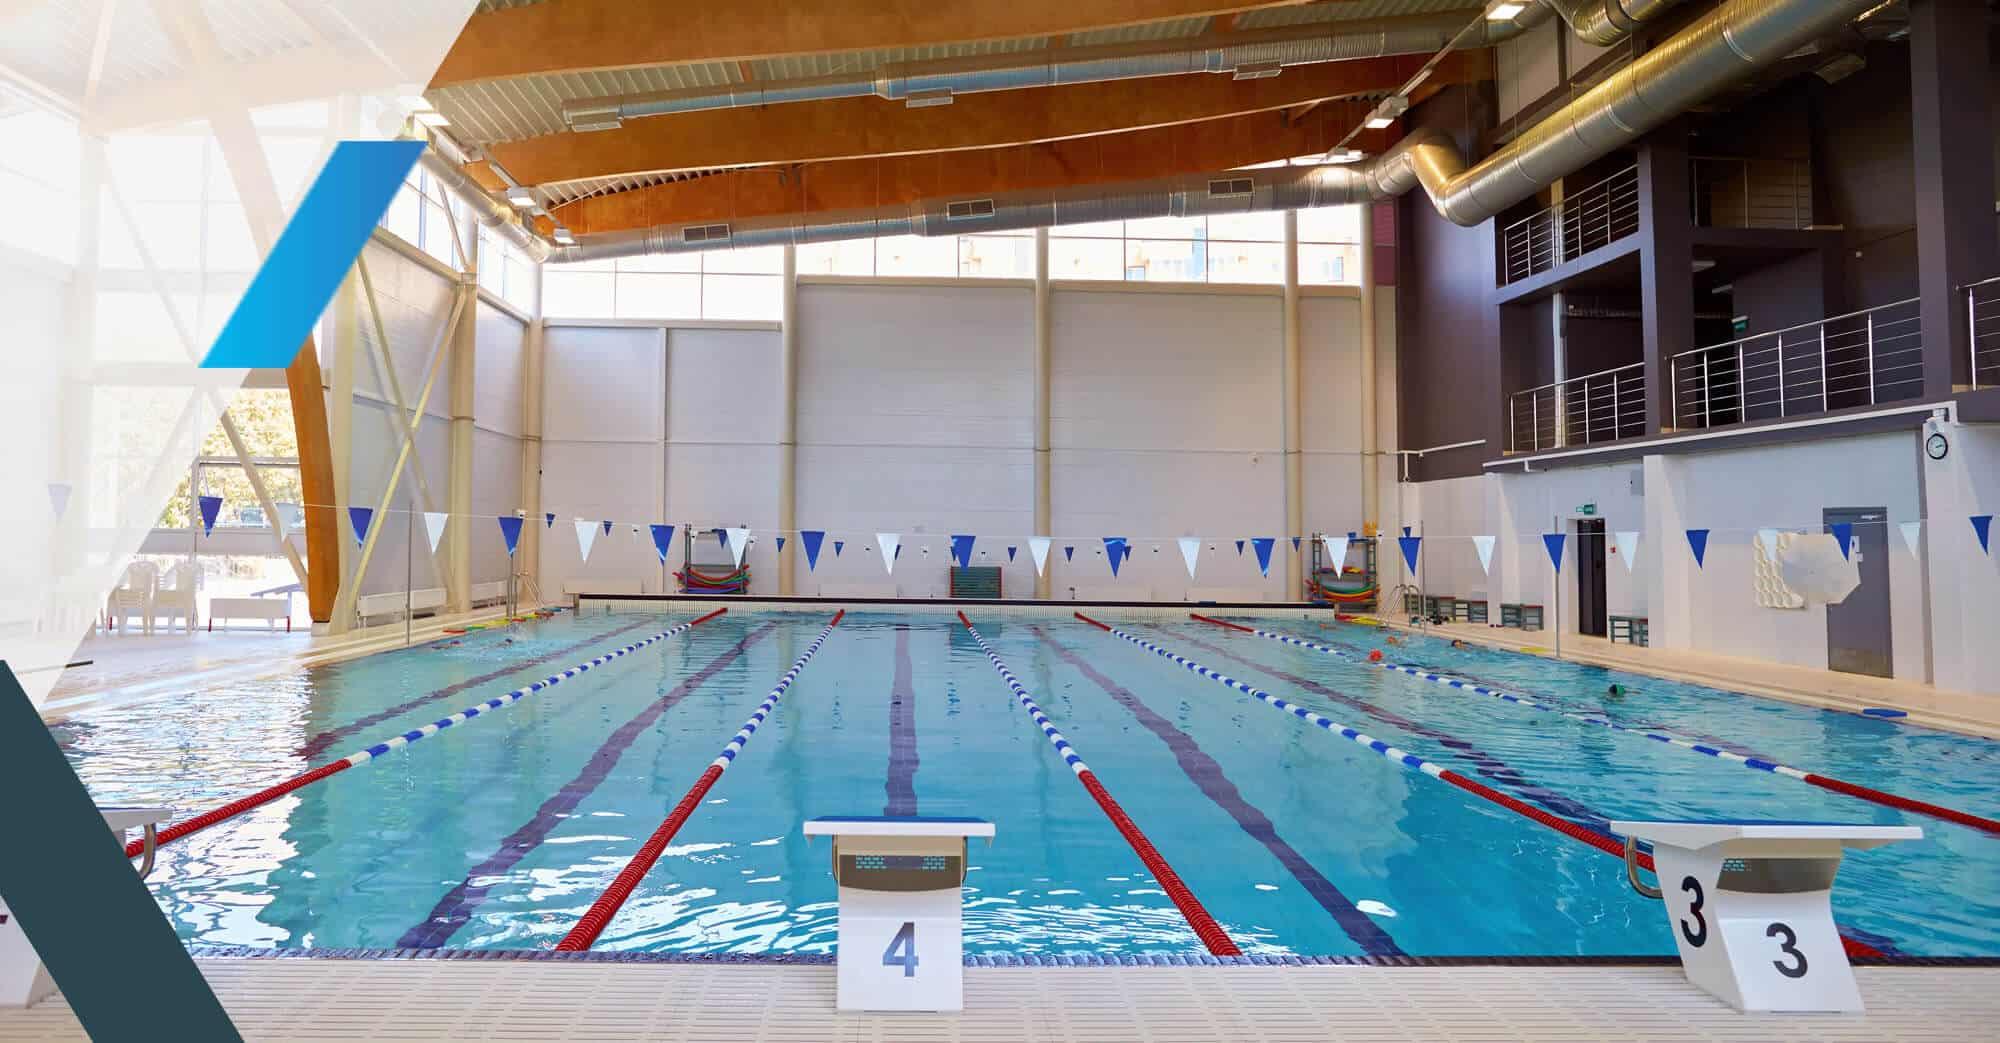 Un bassin d'une piscine municipale